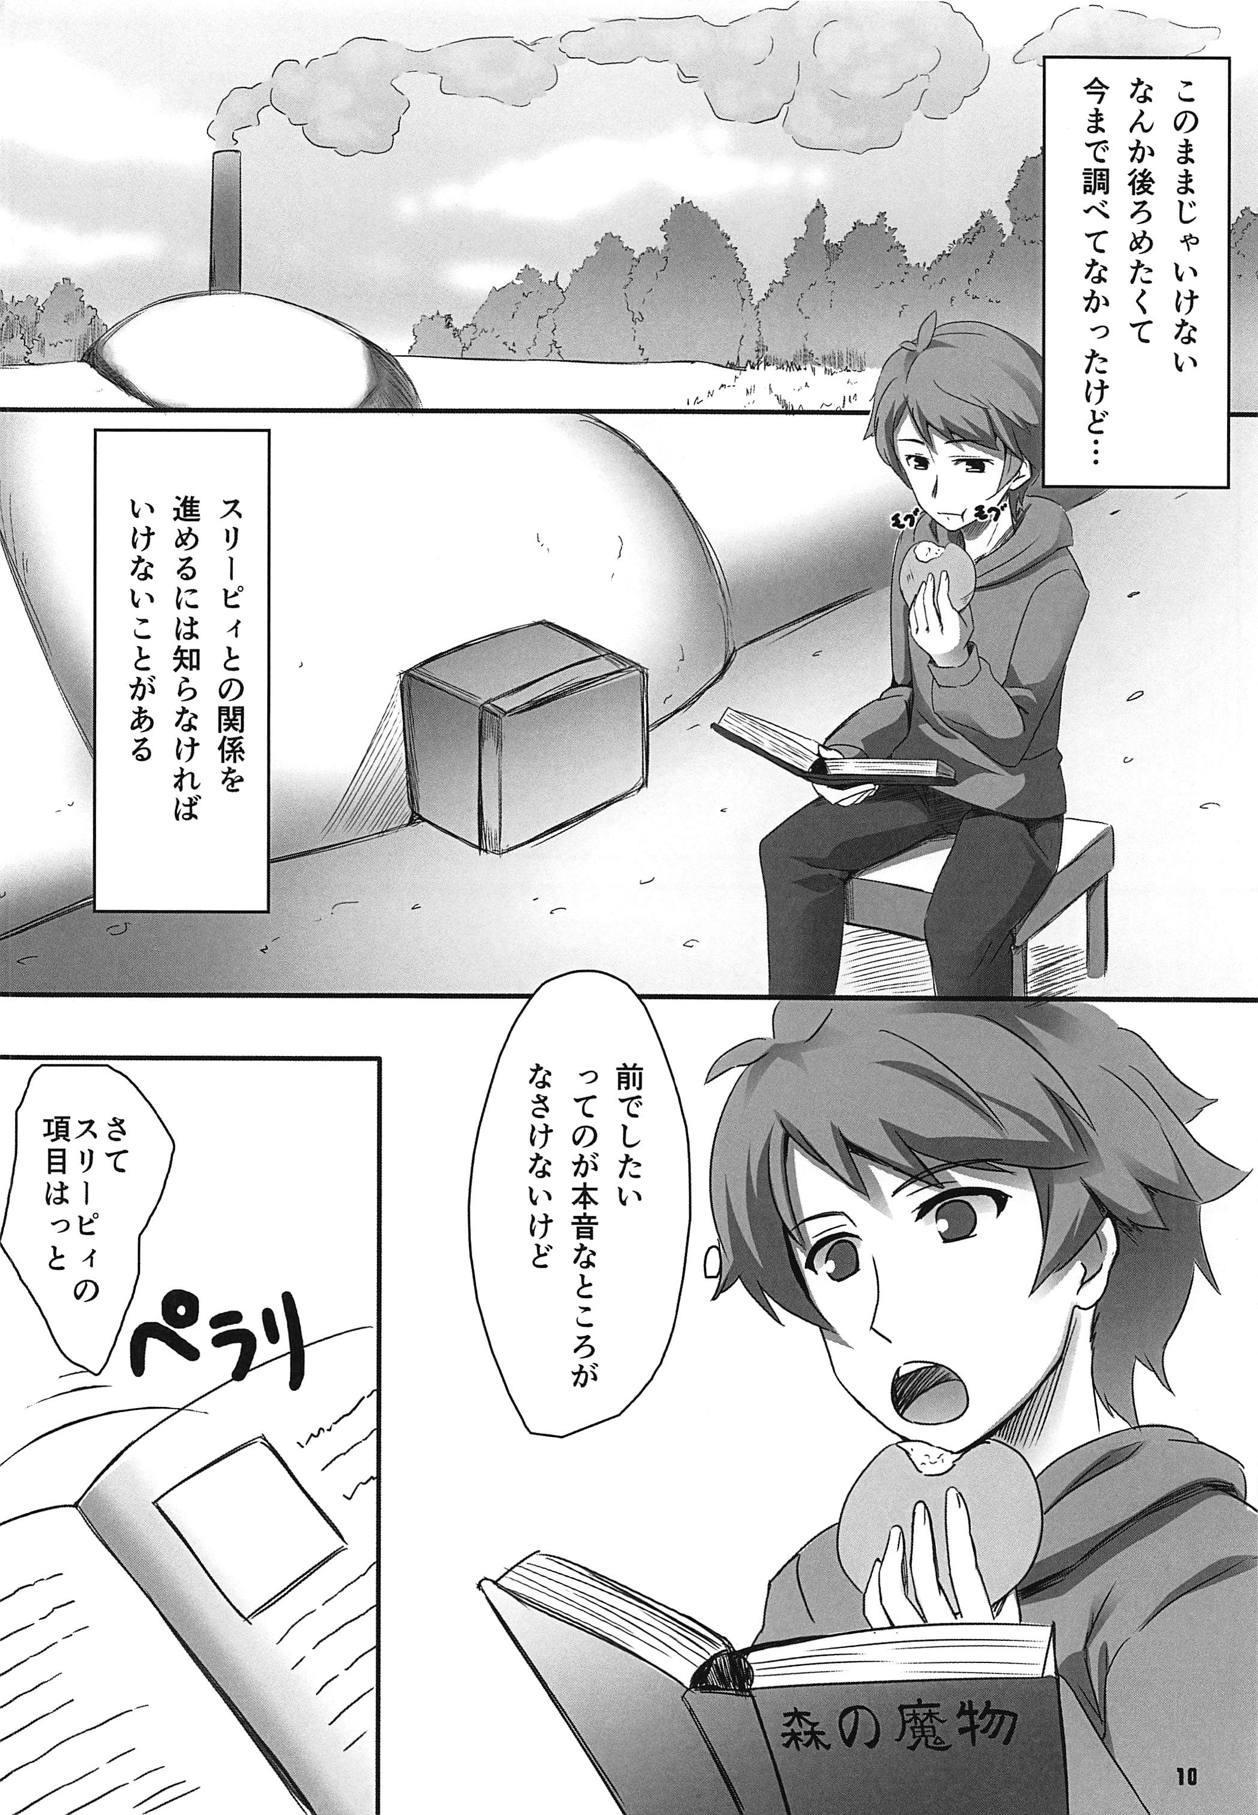 Kinoko no Yomeiri 10